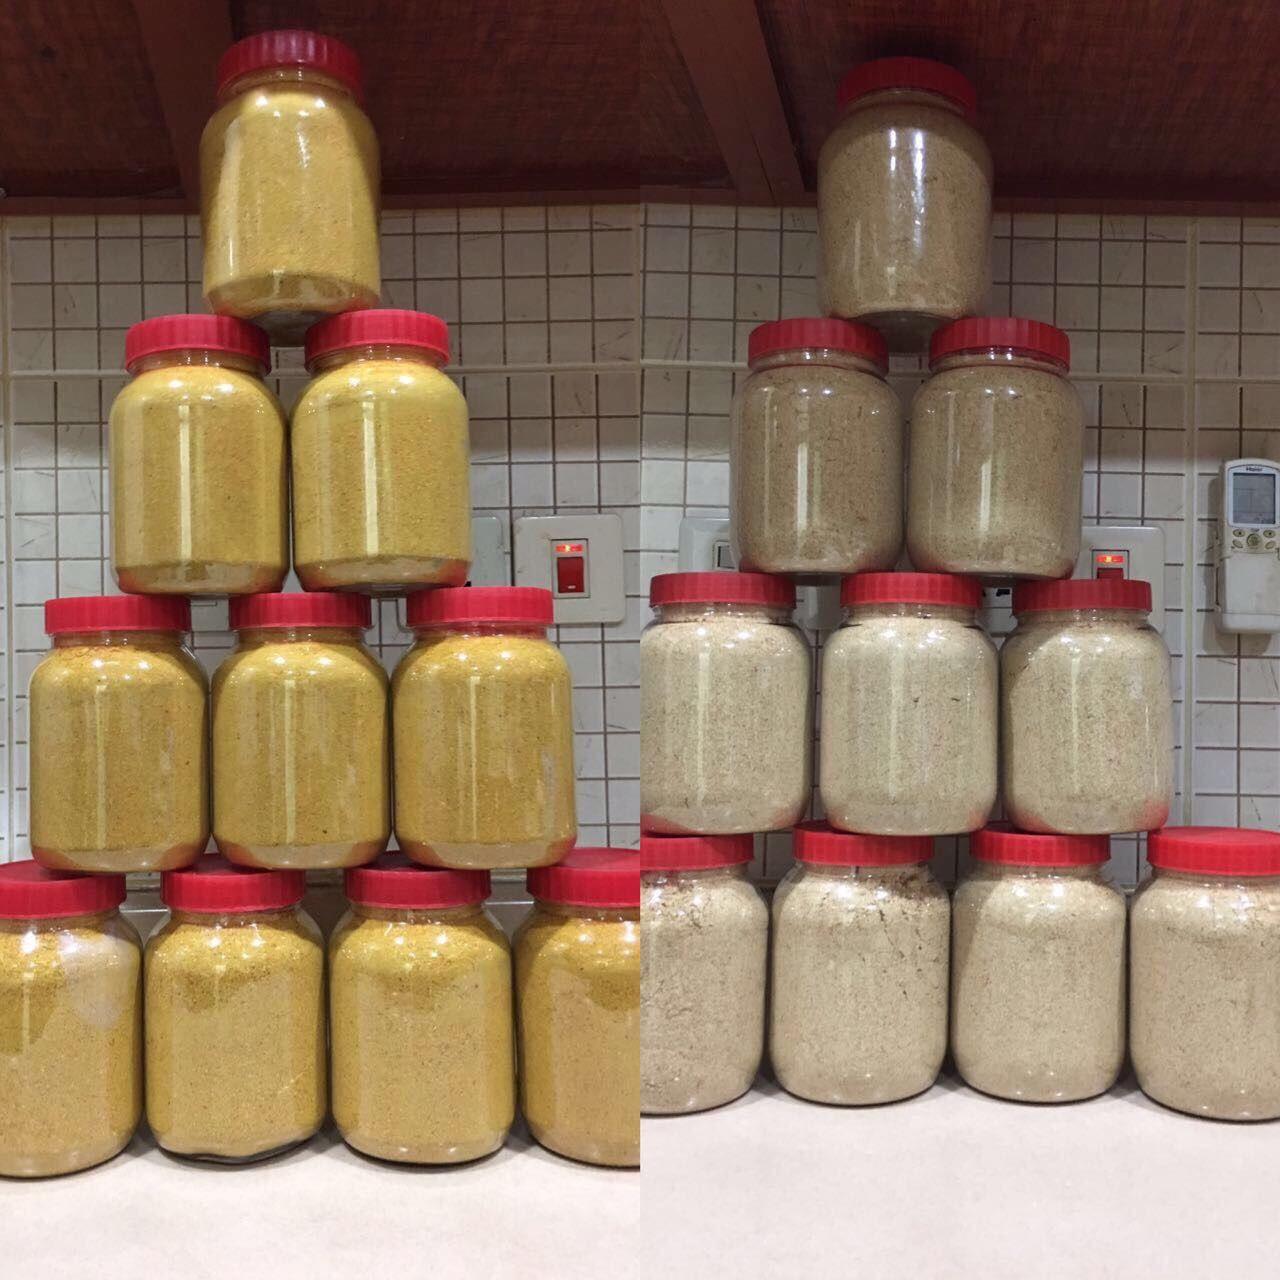 معلومات عن الاإعلان منتجات بيشة قهوة وبهارات طبخ القهوة مخلطة جاهزة للطبخ البهارات تستخدم لجميع أغراض الطبخ للاستفسار اكثر يرج Decorative Jars Jar Food